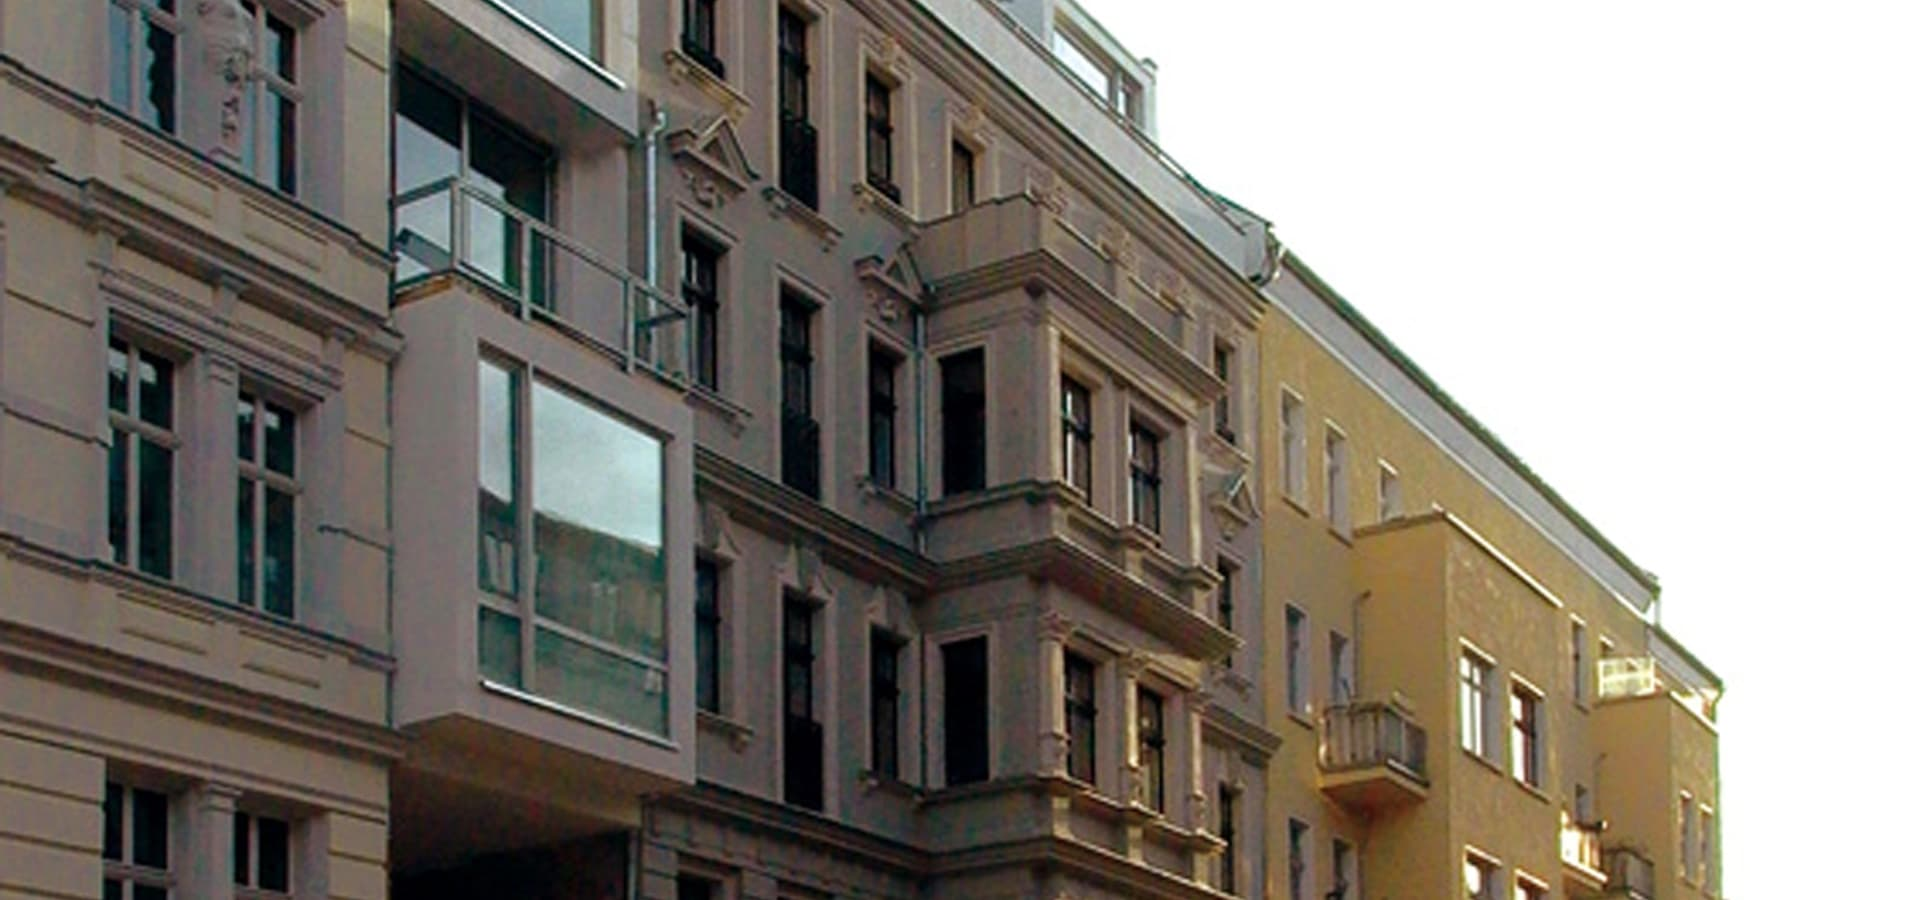 HAB—Hoyer Architekten Berlin